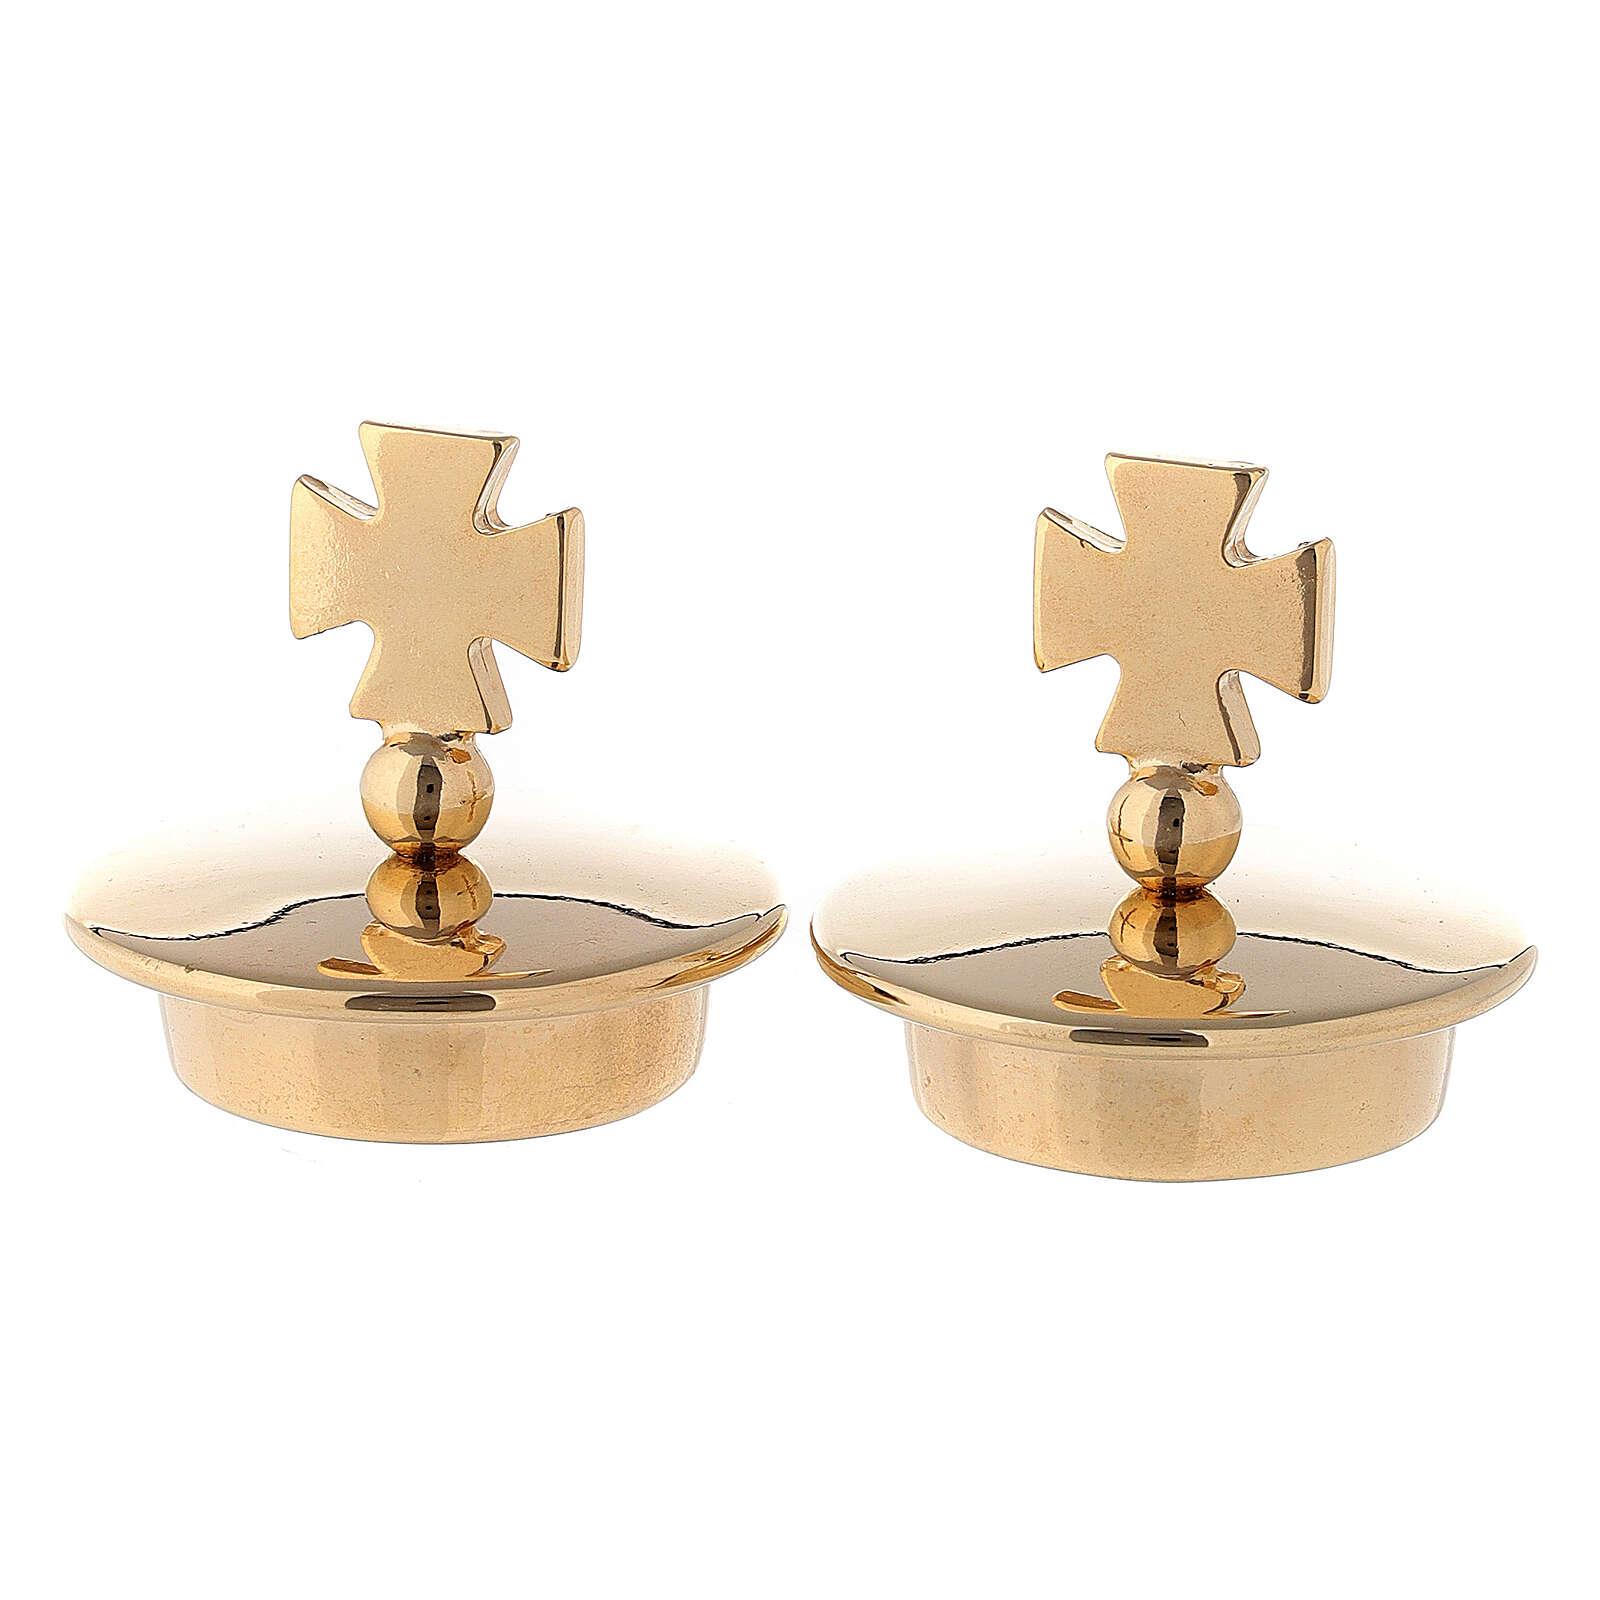 Lids for cruets 24-karat gold plated brass Bologna model Maltese cross 4